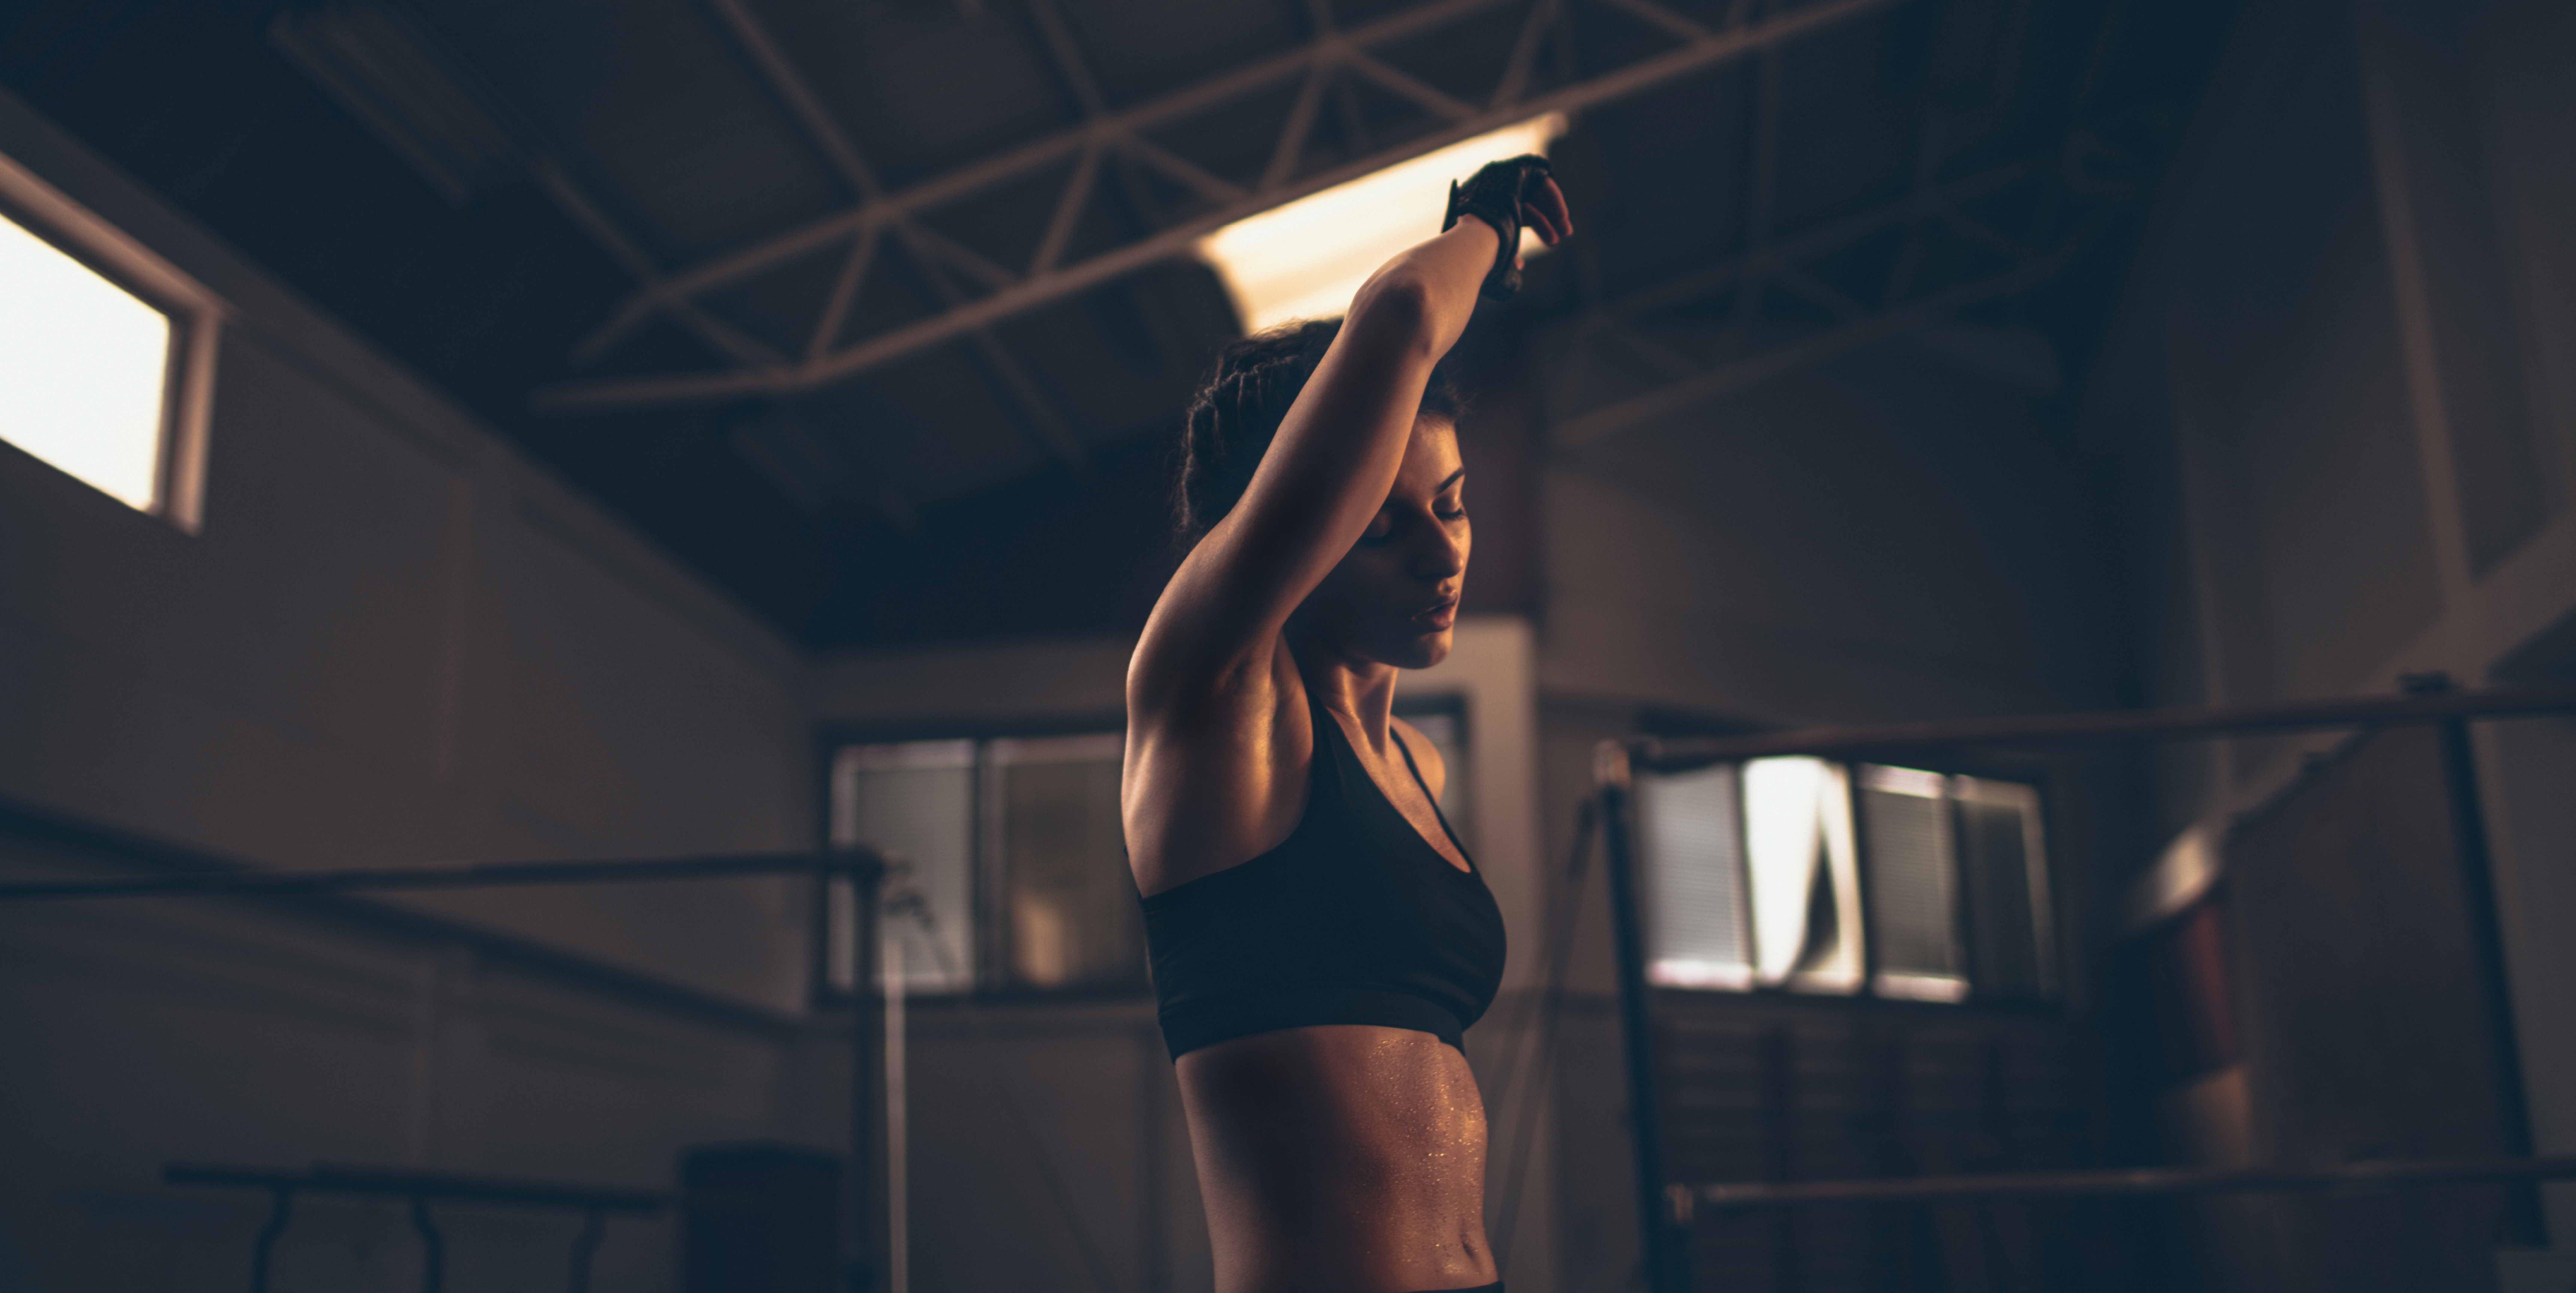 Hardest gym classes london